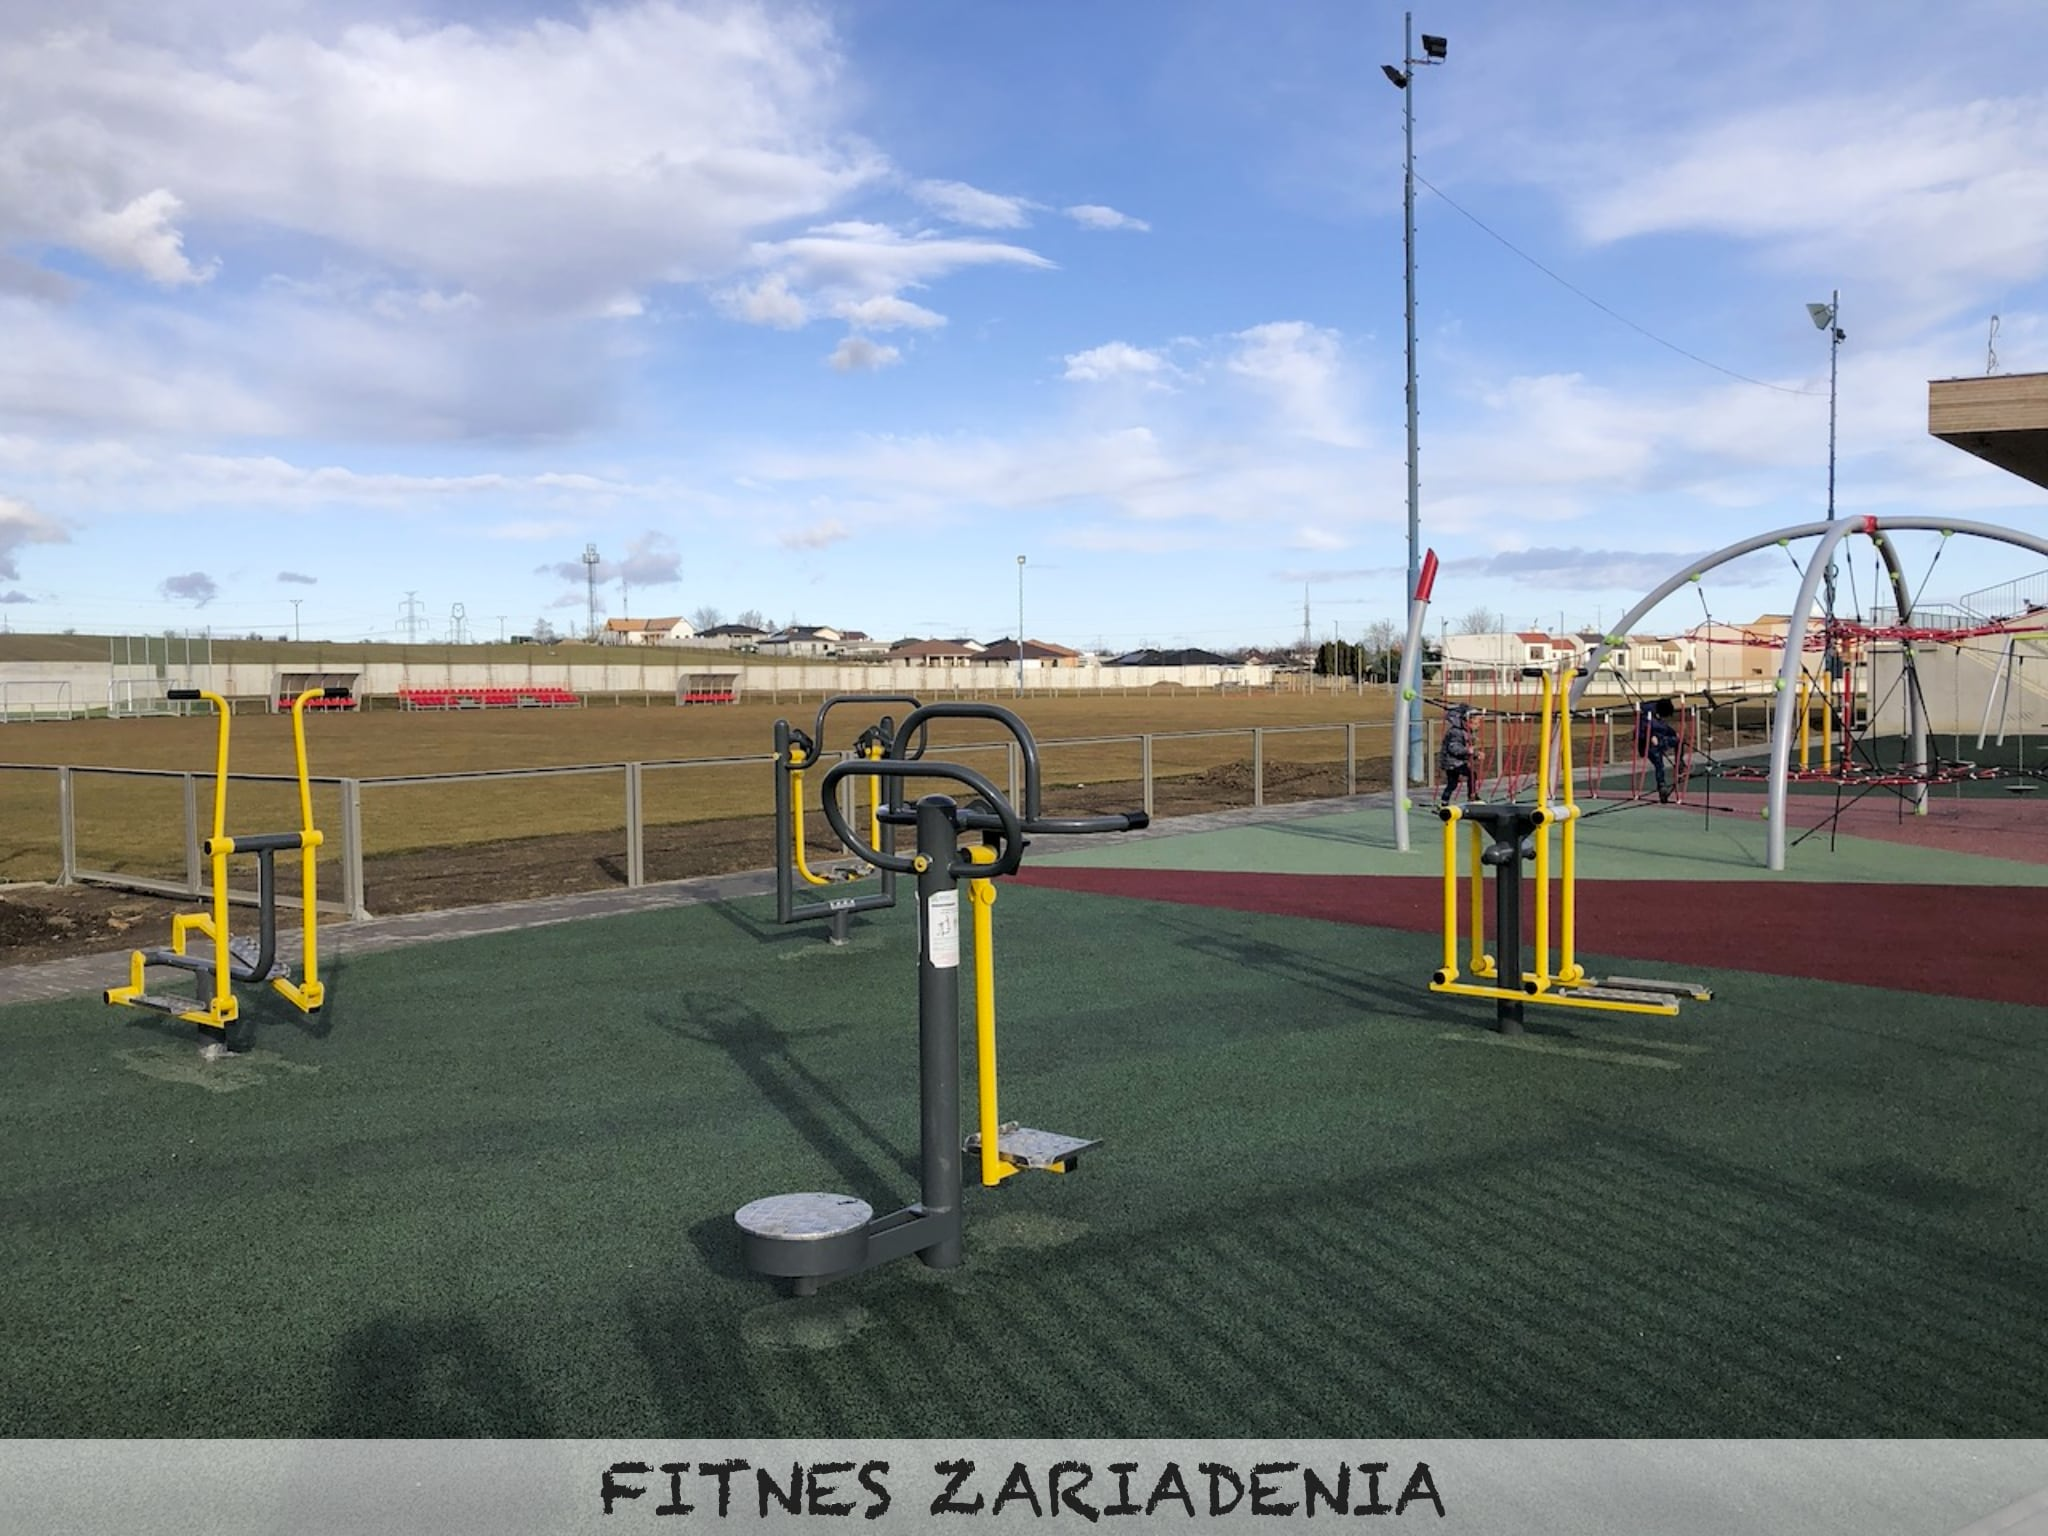 fitness zariadenia